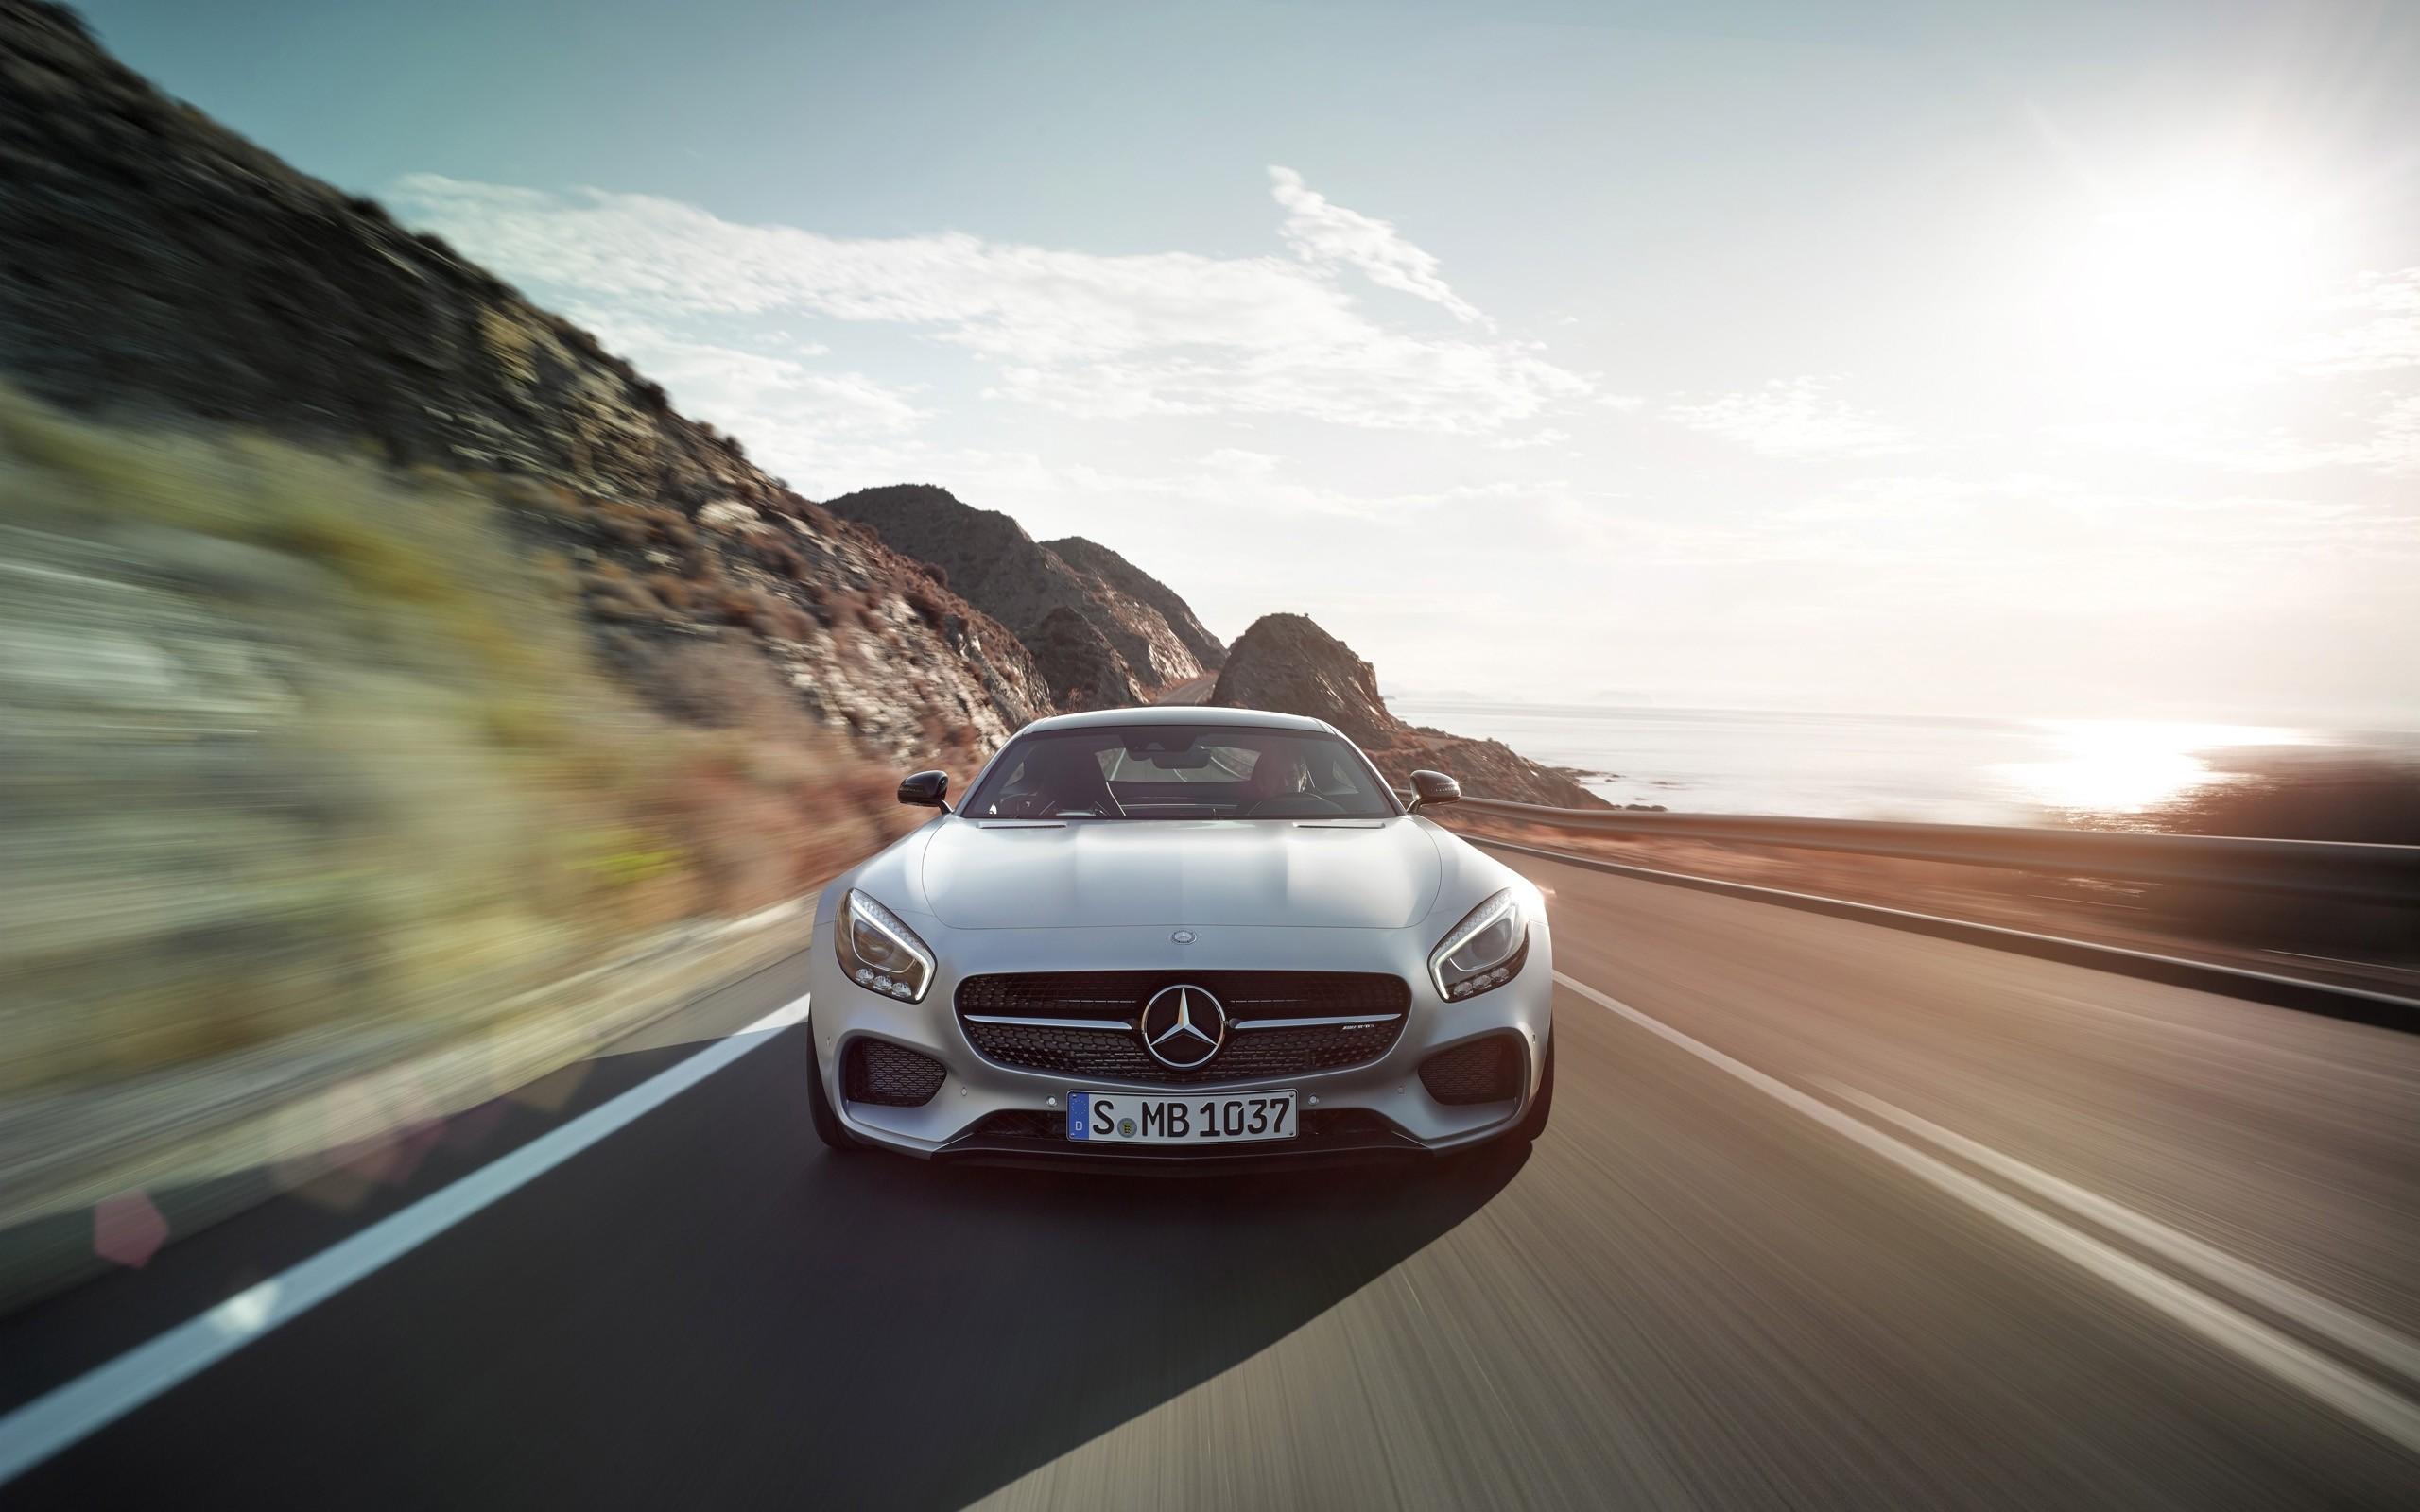 Hd Car Wallpapers 1600x1200 2015 Mercedes Amg Gt Iridium Silver Magno 2 Wallpaper Hd